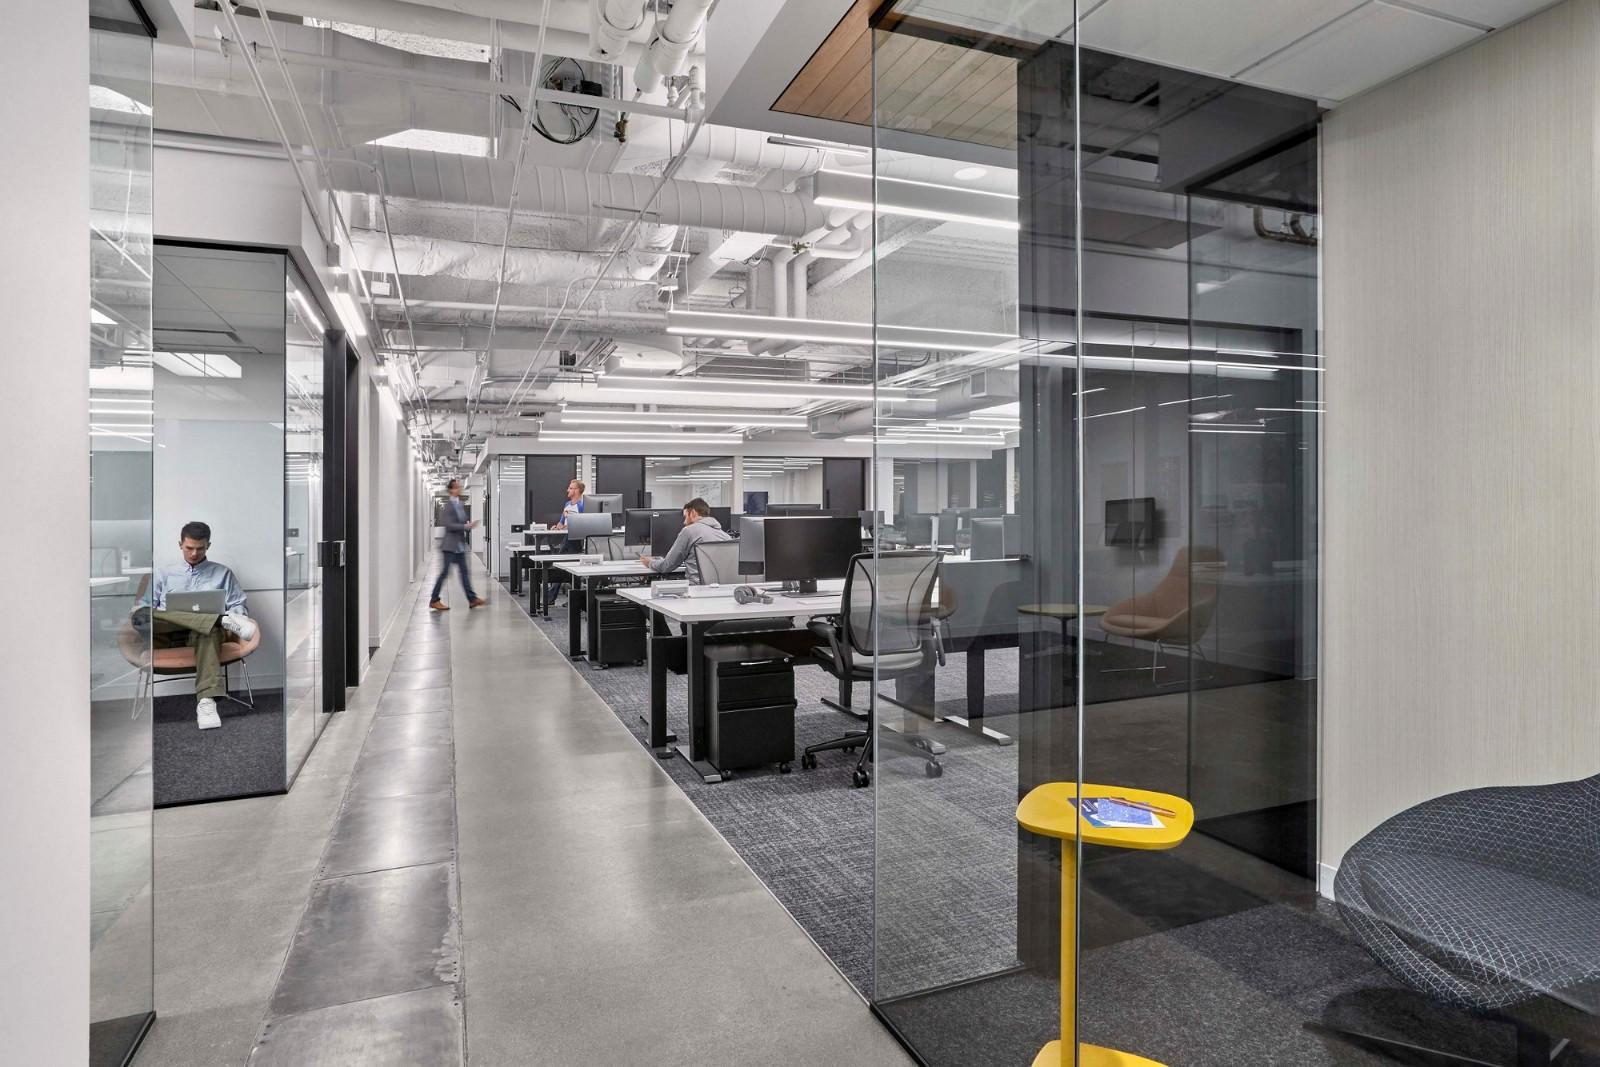 开放与优雅,旧金山Mapbox办公空间 | Revel Architecture & Design插图20